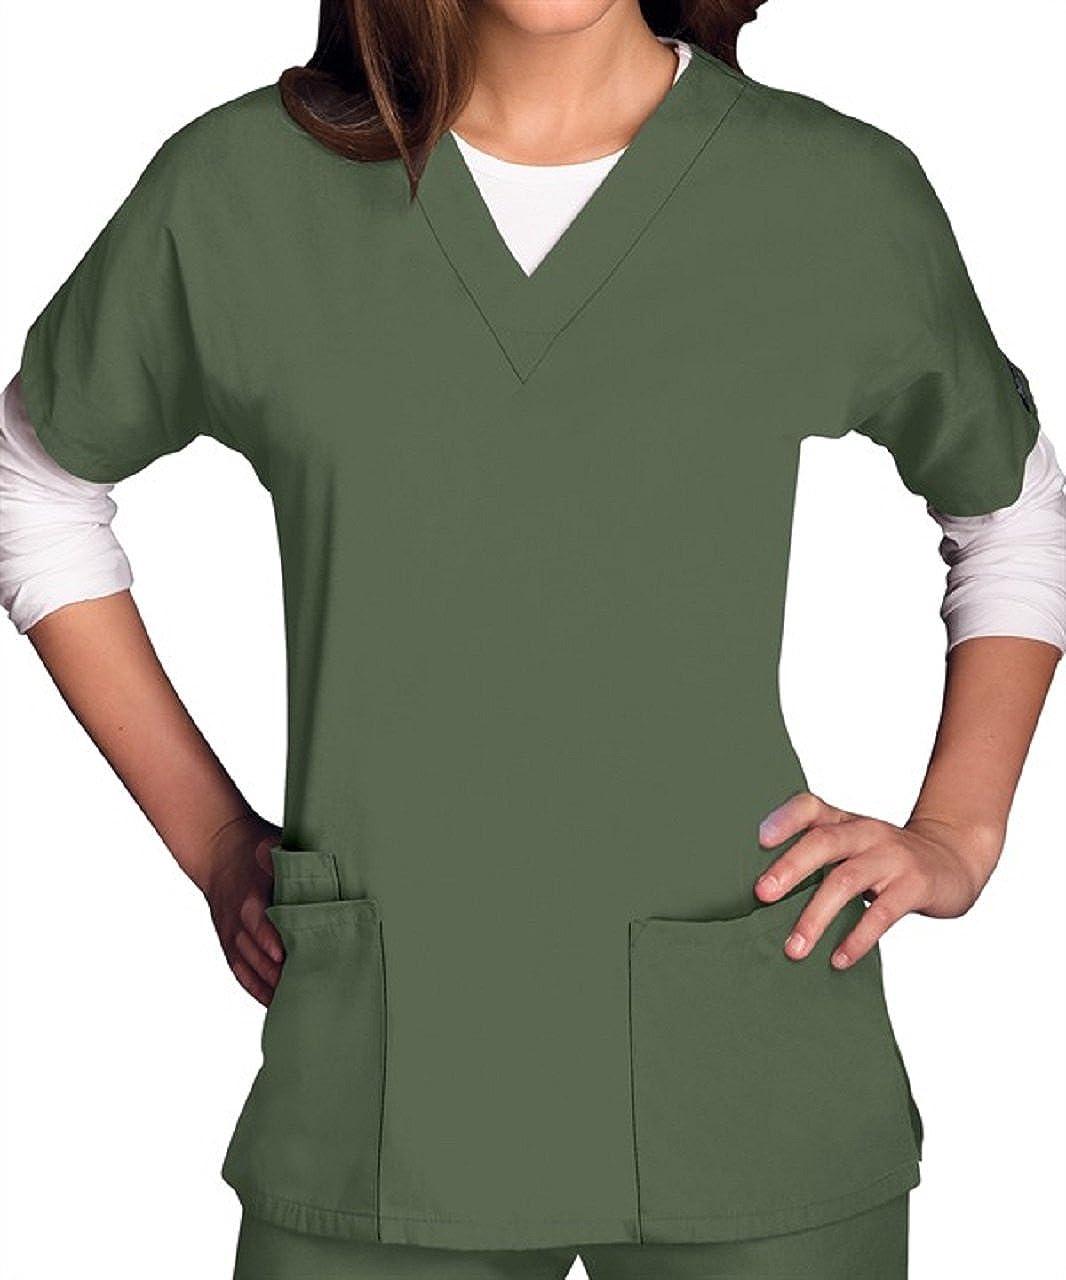 Cherokee - patrones para pijamas de hospital Unisex médicos 32 túnicas con varios colores están disponibles en 4700: Amazon.es: Ropa y accesorios